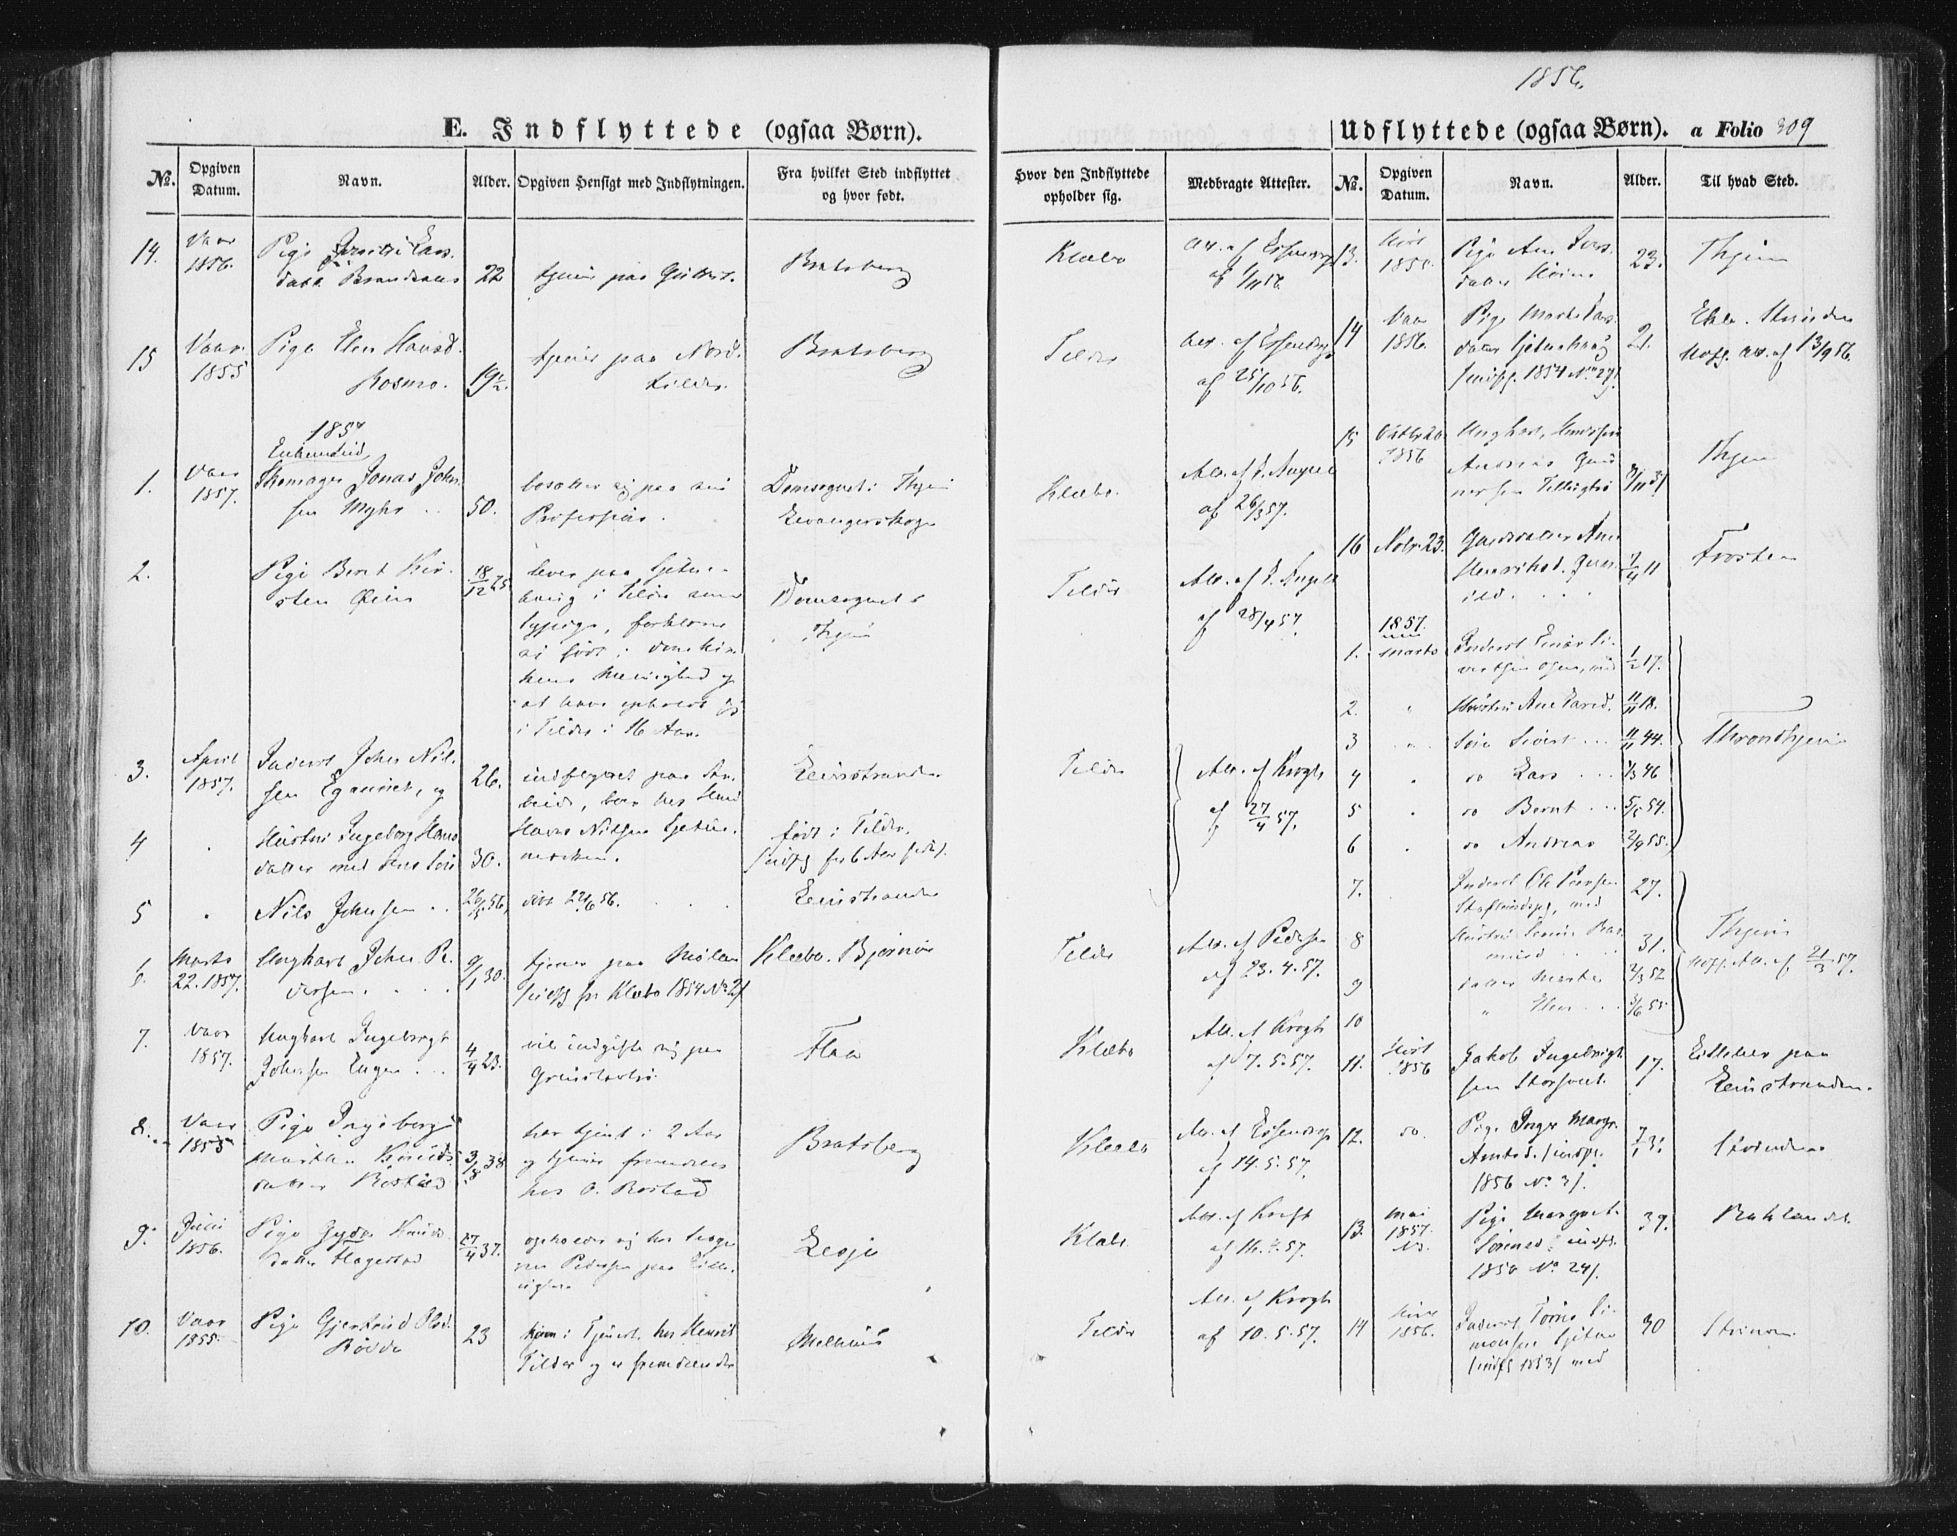 SAT, Ministerialprotokoller, klokkerbøker og fødselsregistre - Sør-Trøndelag, 618/L0441: Ministerialbok nr. 618A05, 1843-1862, s. 309